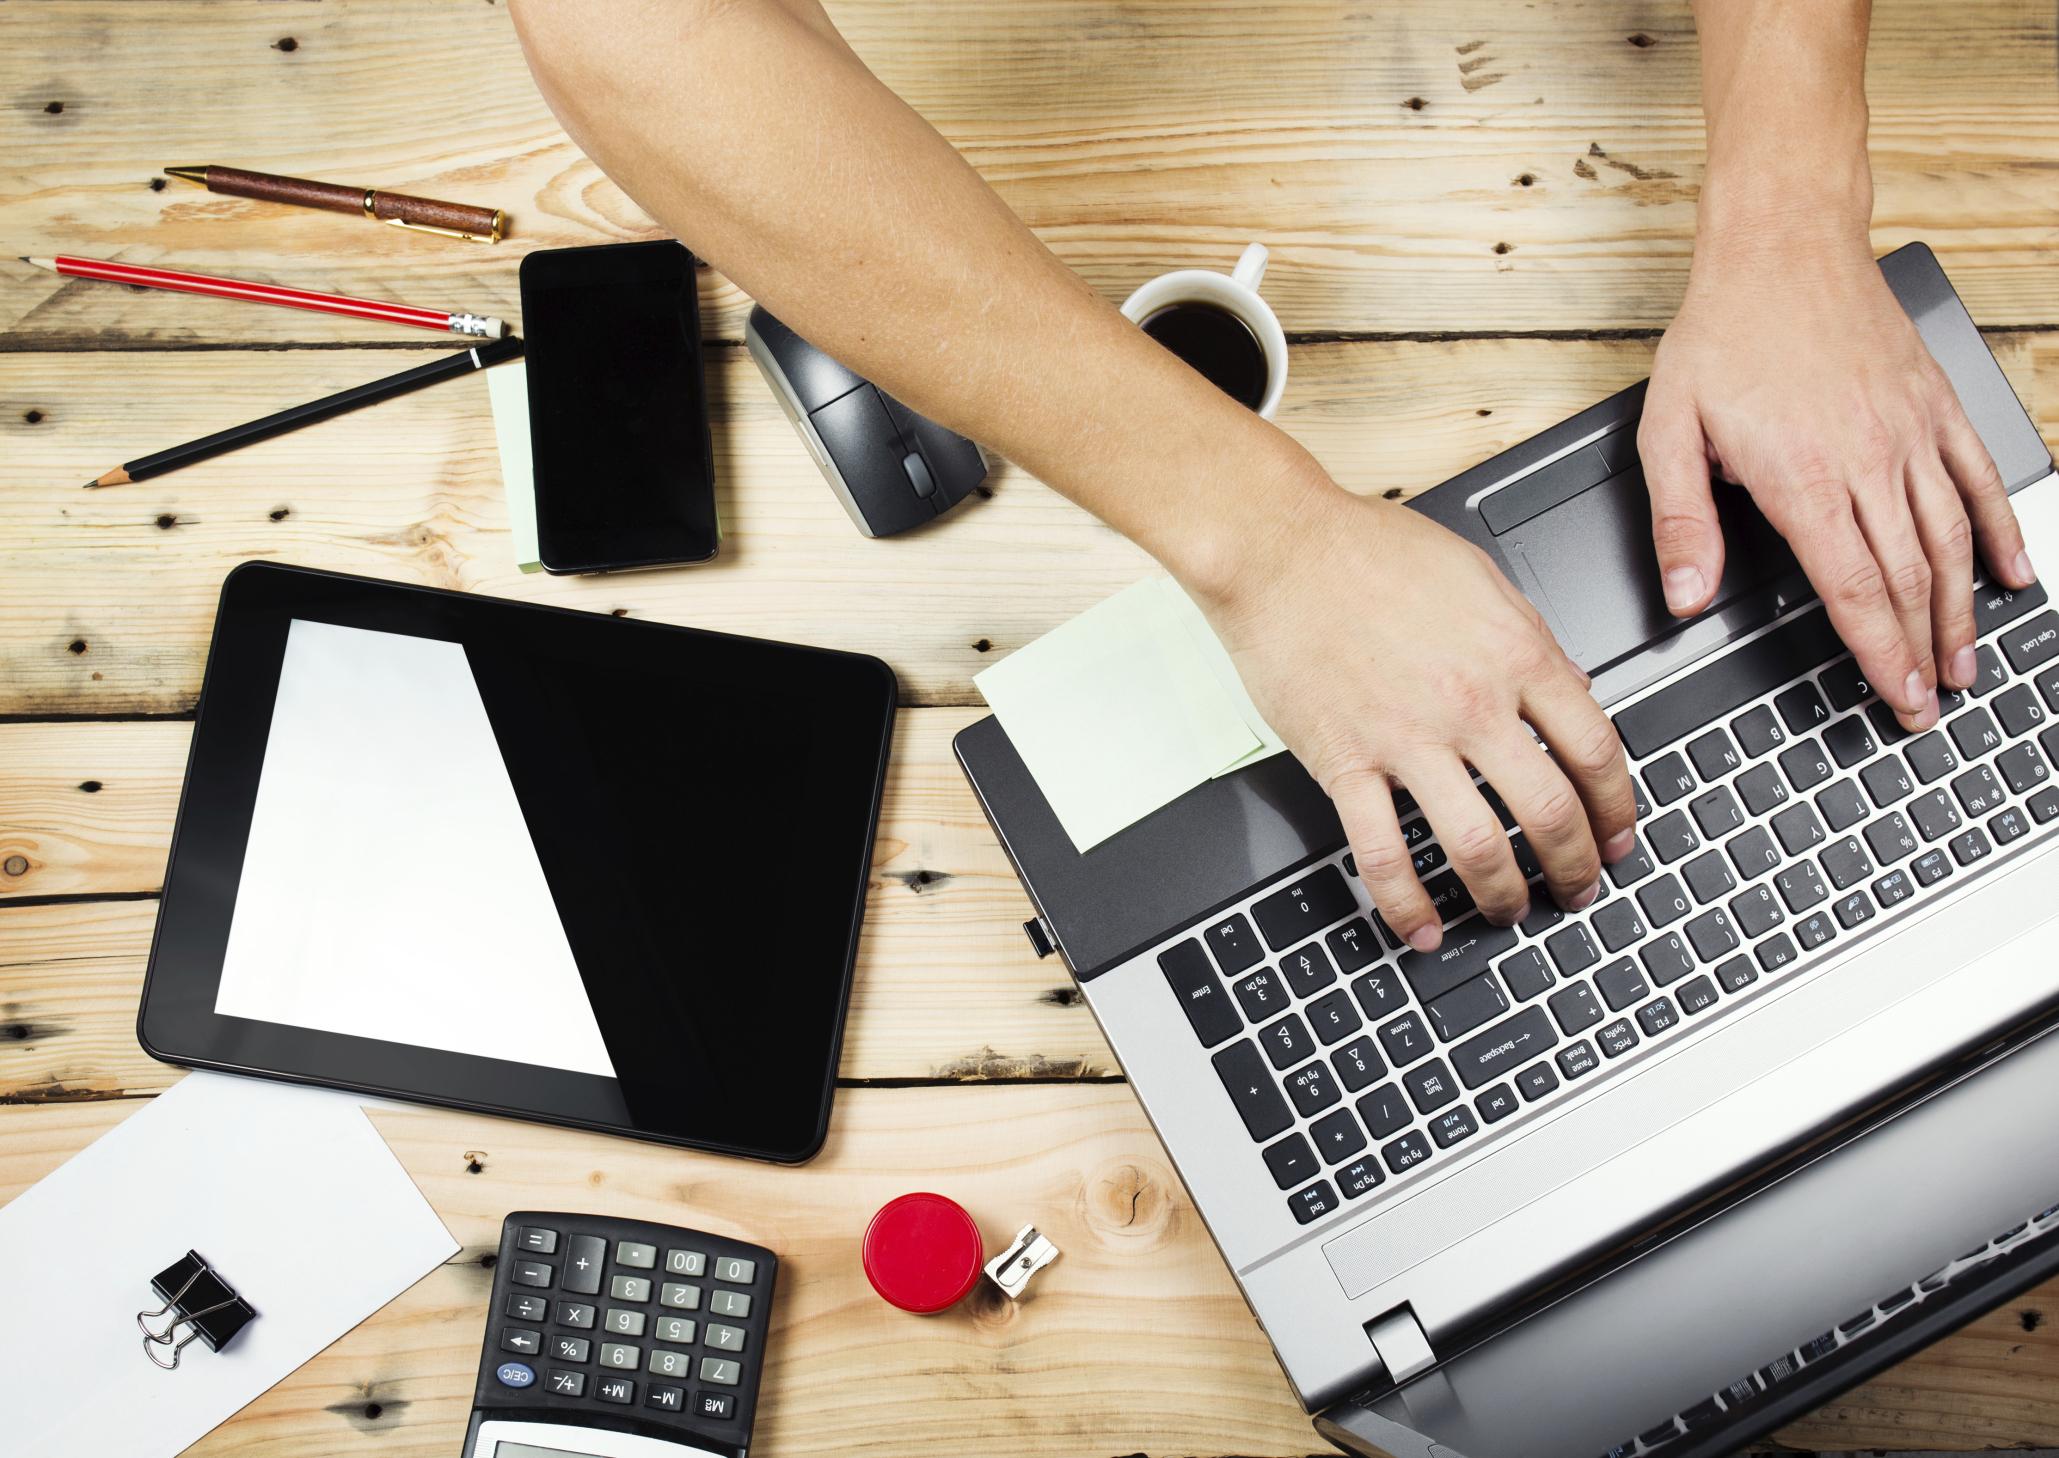 SA Become a Contributor - Какой самый простой и удобный способ установки капчи